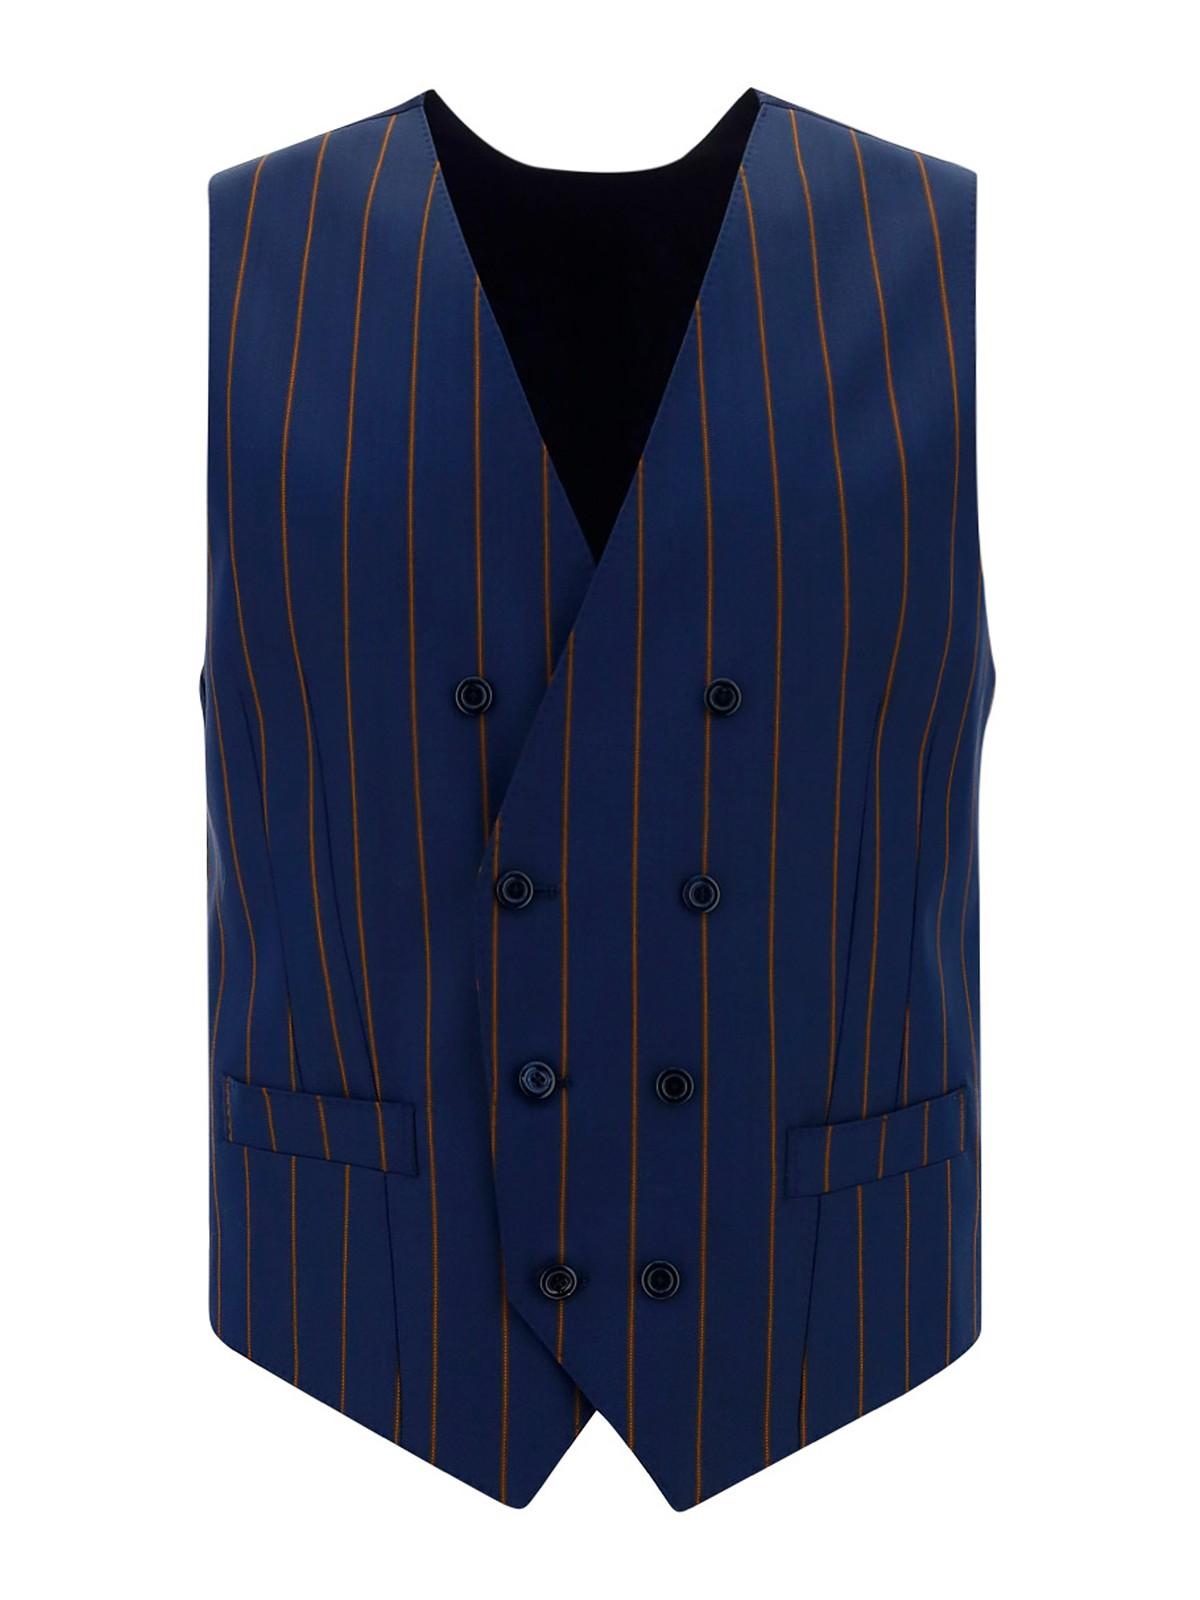 Dolce & Gabbana Wools VIRGIN WOOL STRIPED VEST